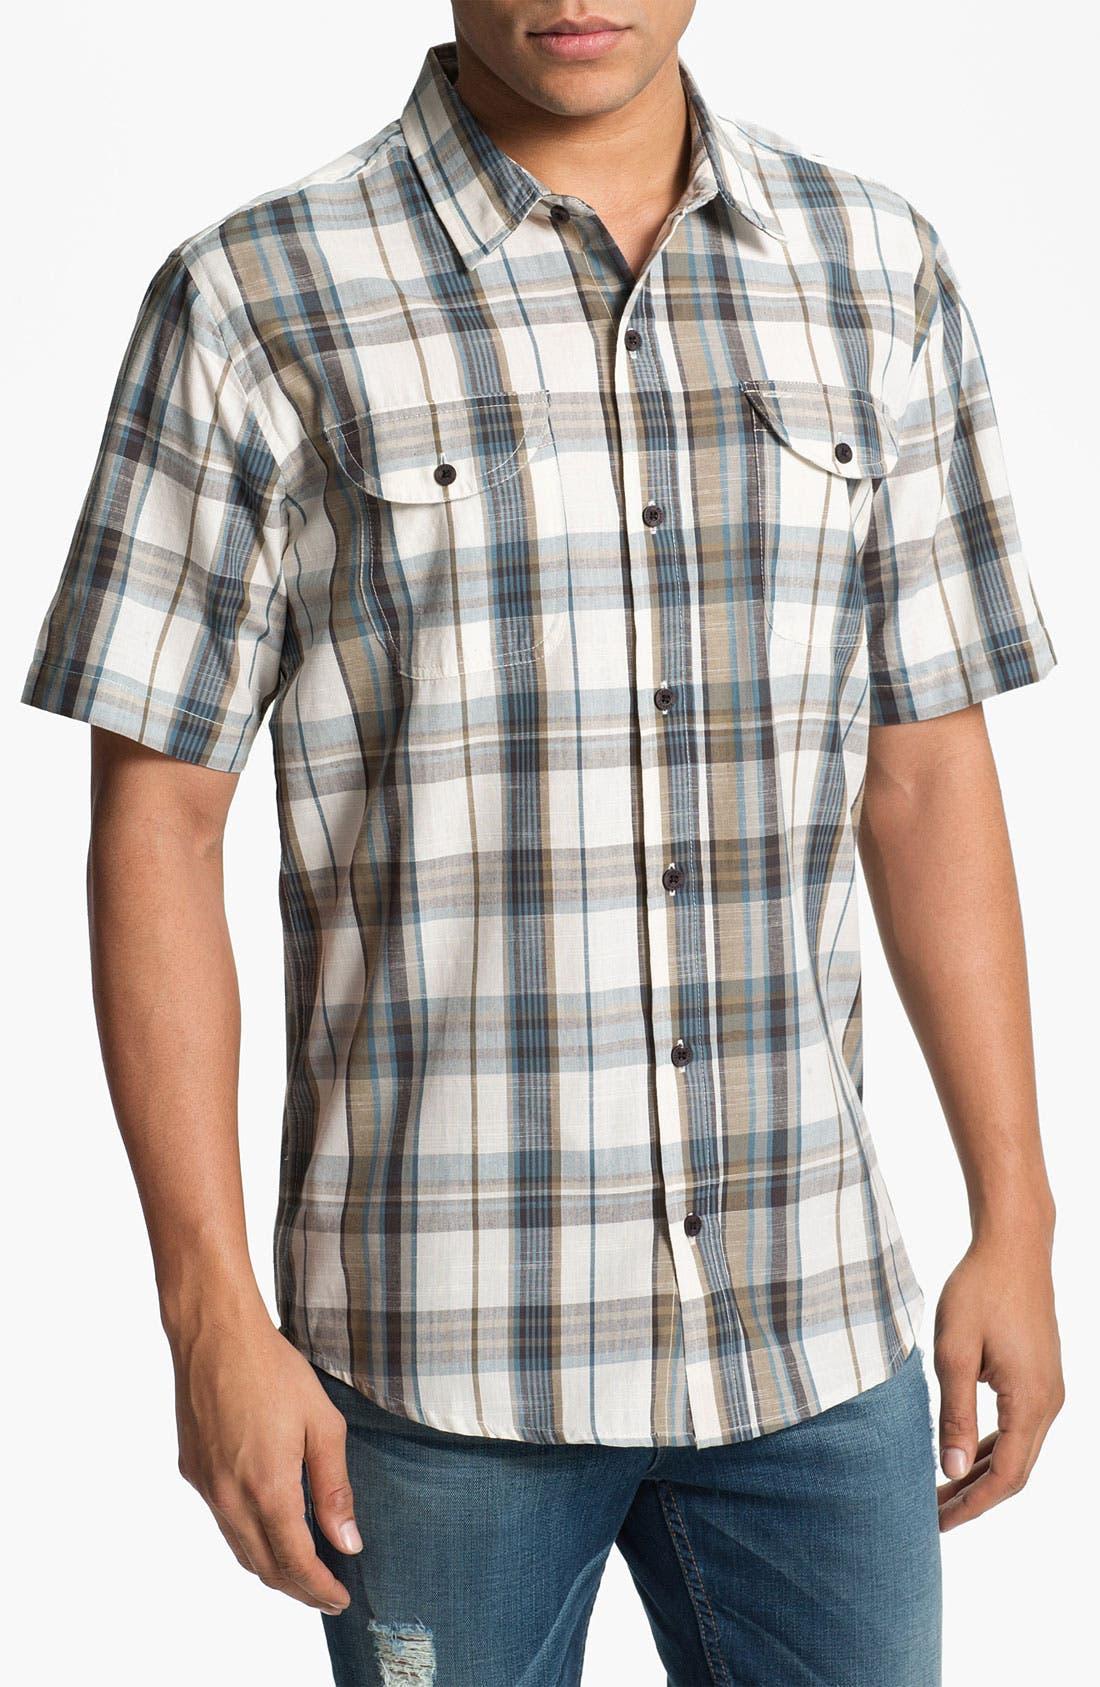 Main Image - Ezekiel 'Woodhouse' Short Sleeve Plaid Woven Shirt